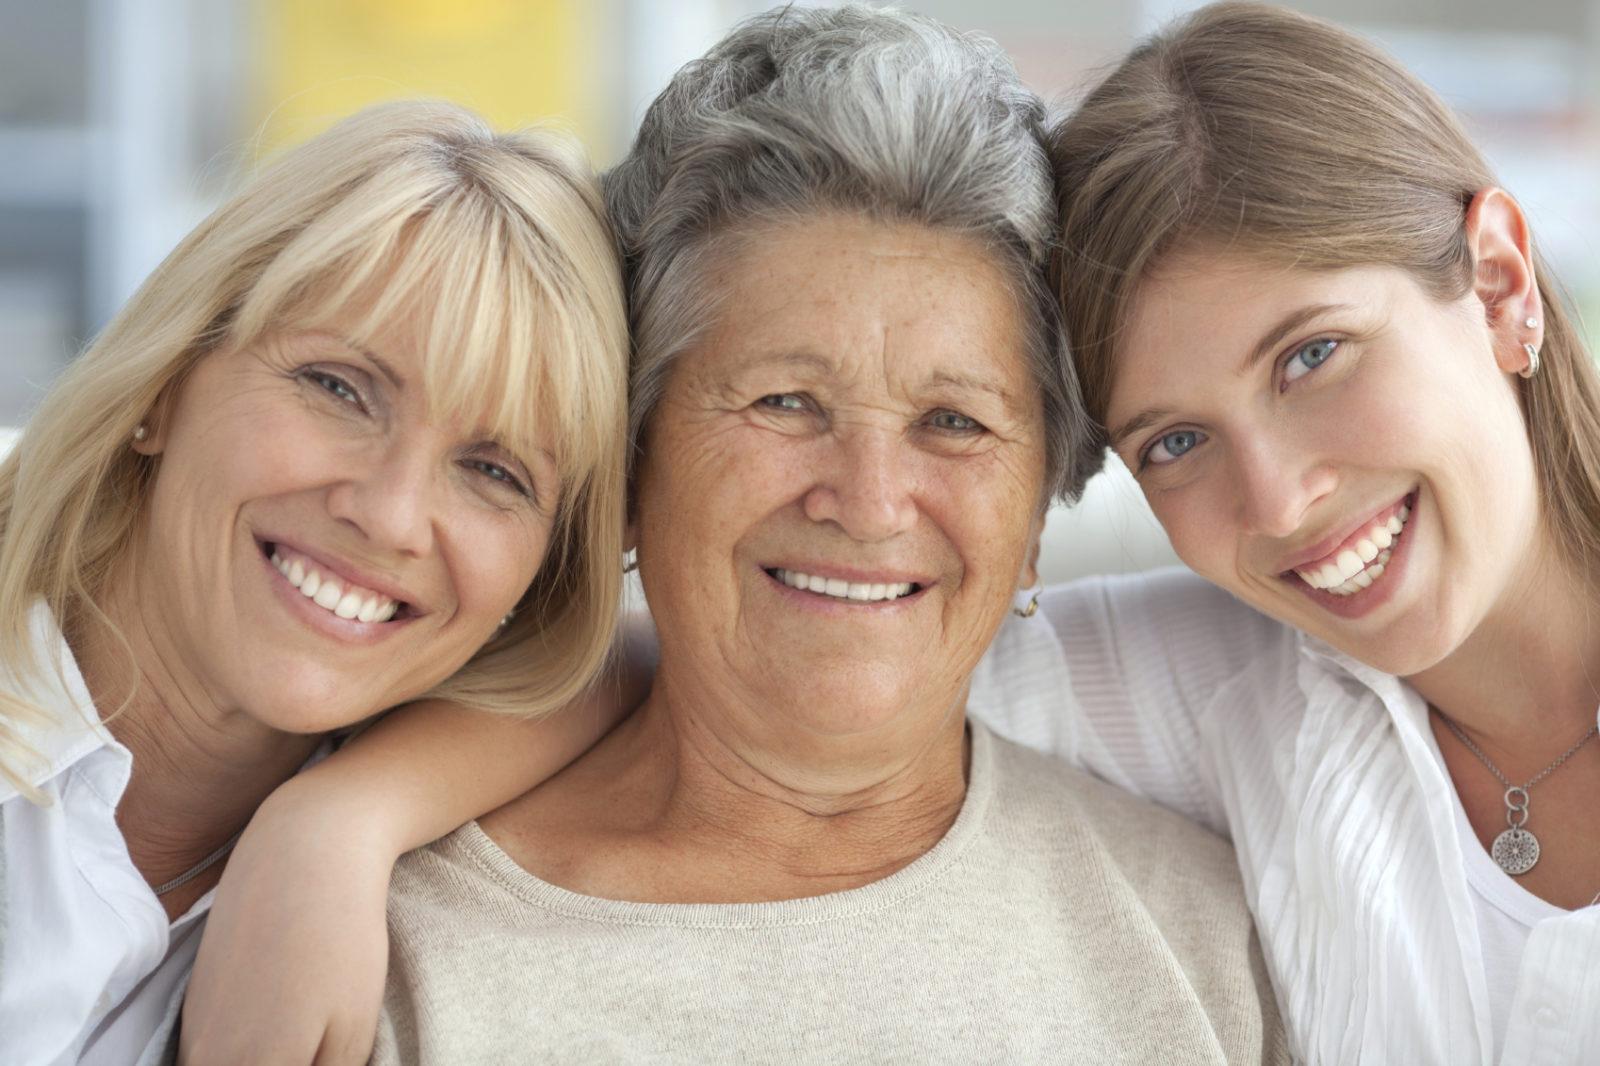 Йод для здоровья женщин: здоровье груди, беременность и многое другое